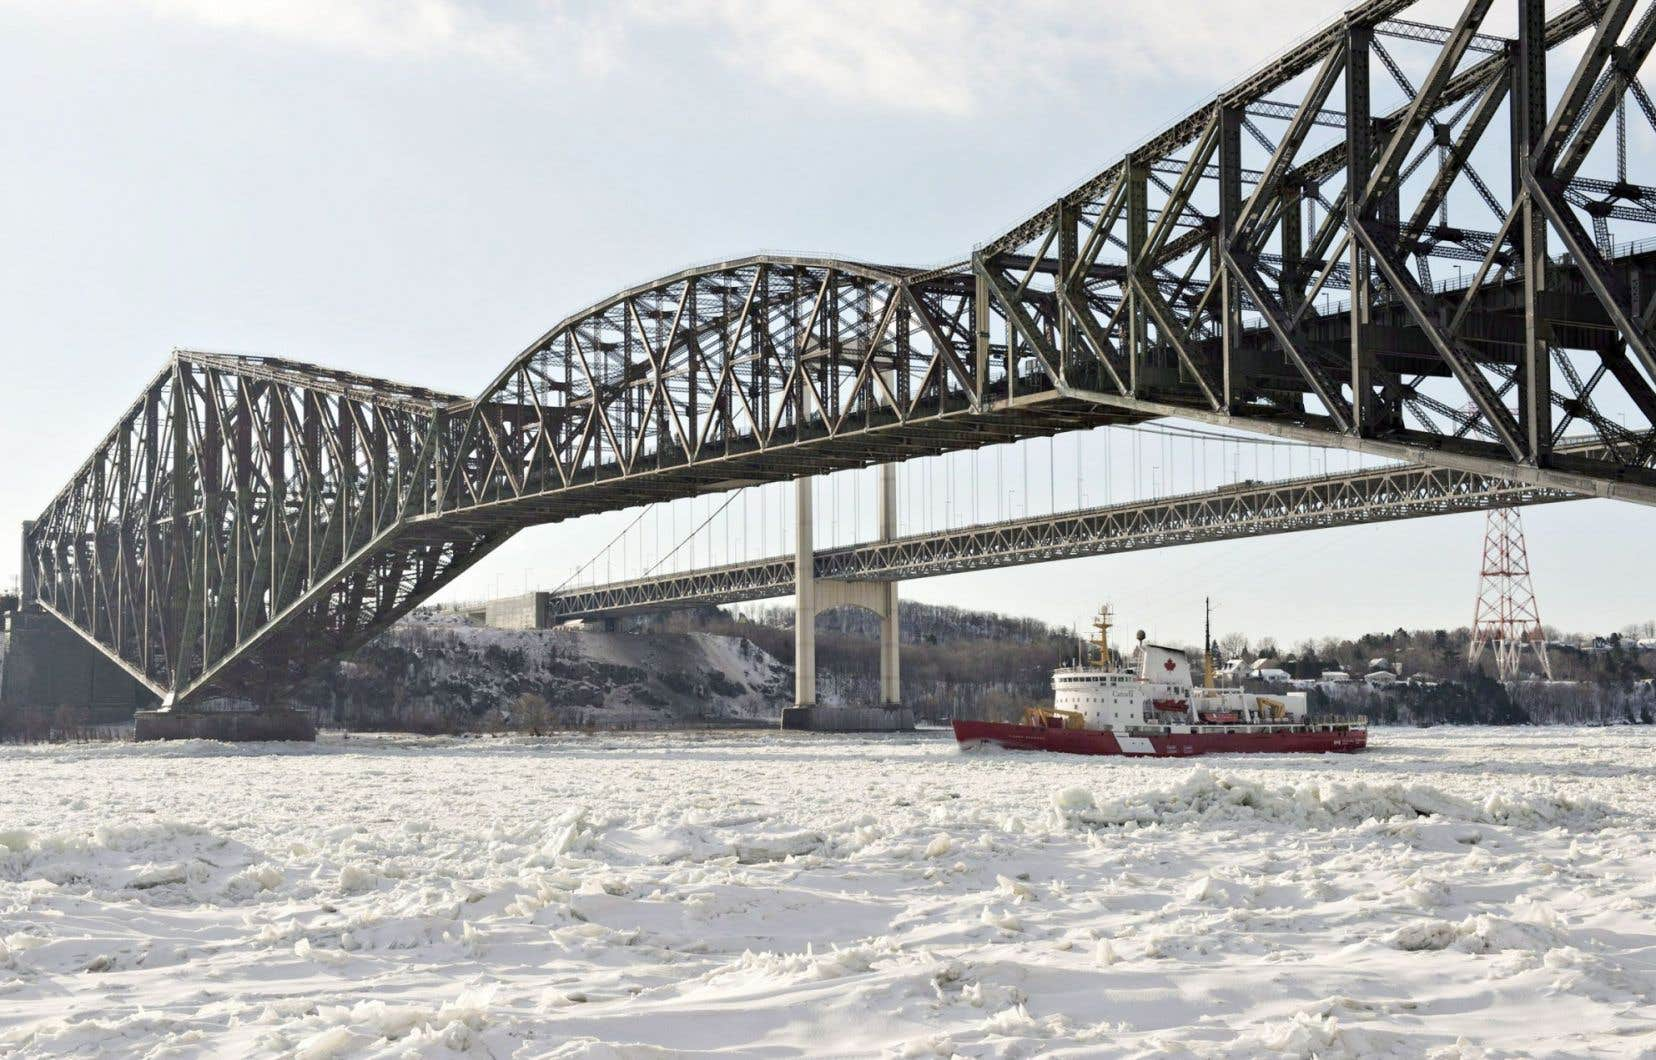 On estime à 200millions de dollars les coûts totaux des travaux à l'heure actuelle. Le ministre fédéral de l'Infrastructure Denis Lebel a été clair sur le fait qu'il n'y aurait pas de coups de pinceau tant que le propriétaire du pont de Québec, le Canadien National, n'aurait pas confirmé son aide.